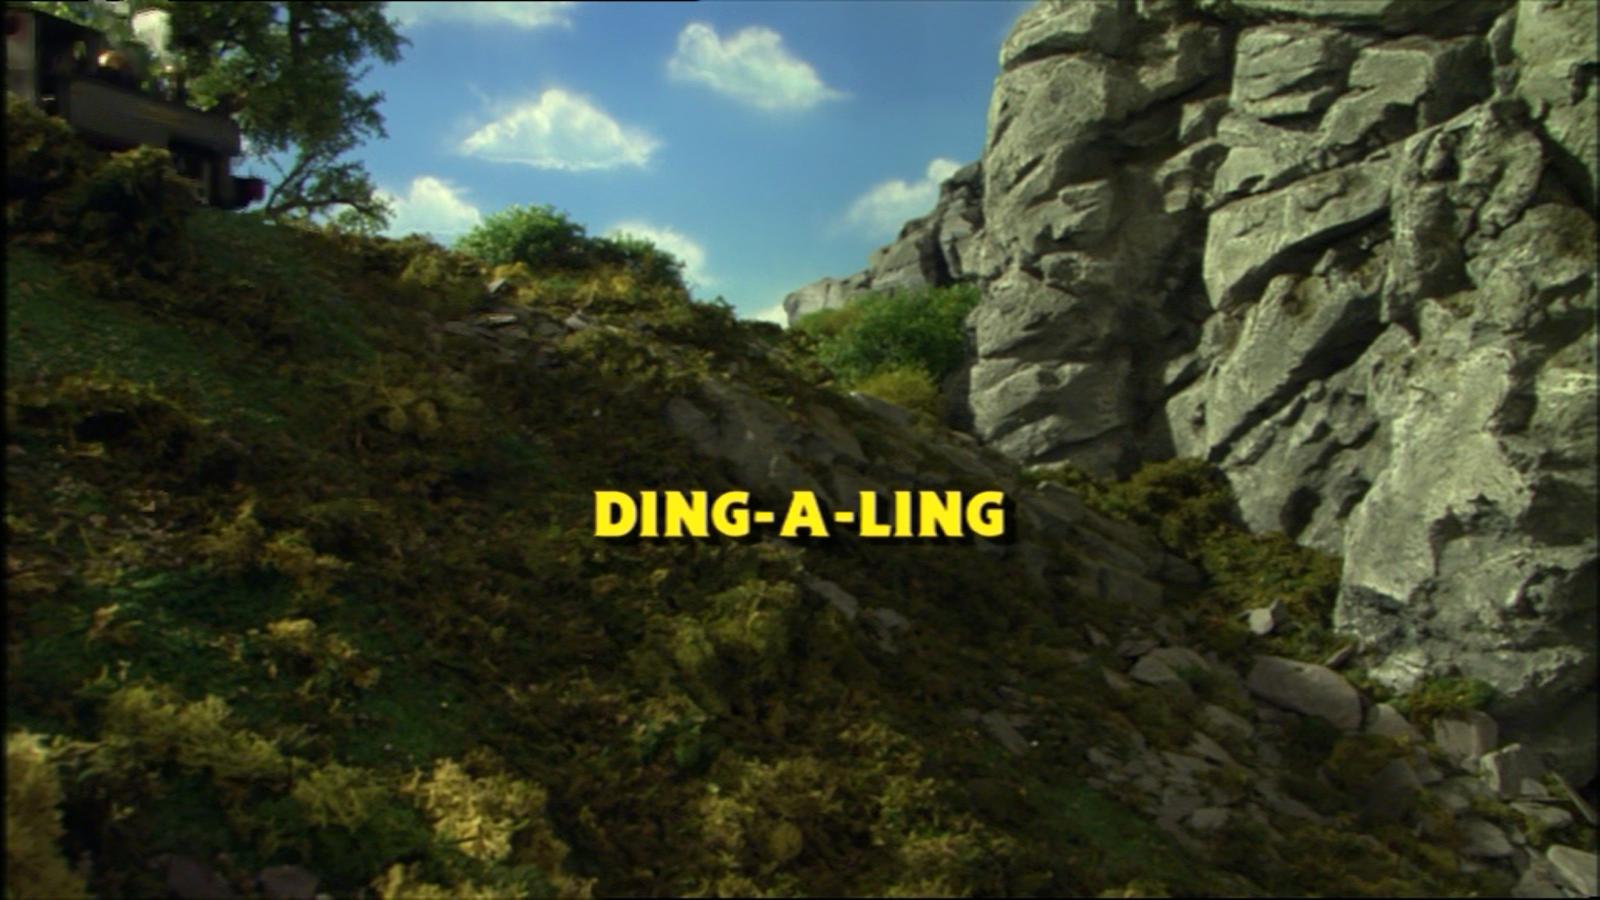 File:Ding-a-LingUStitlecard.png